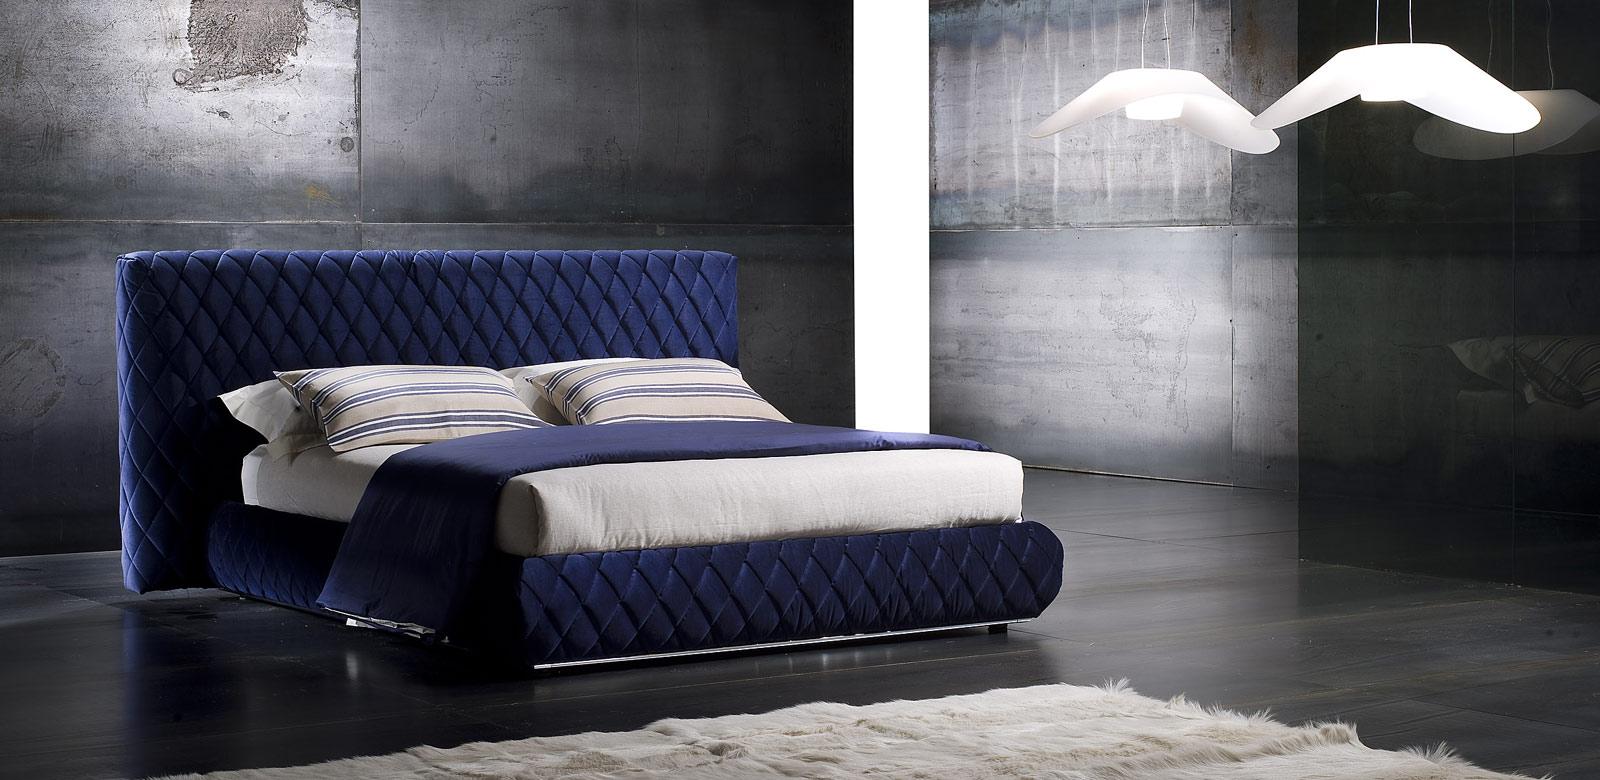 Двуспальная синяя кровать